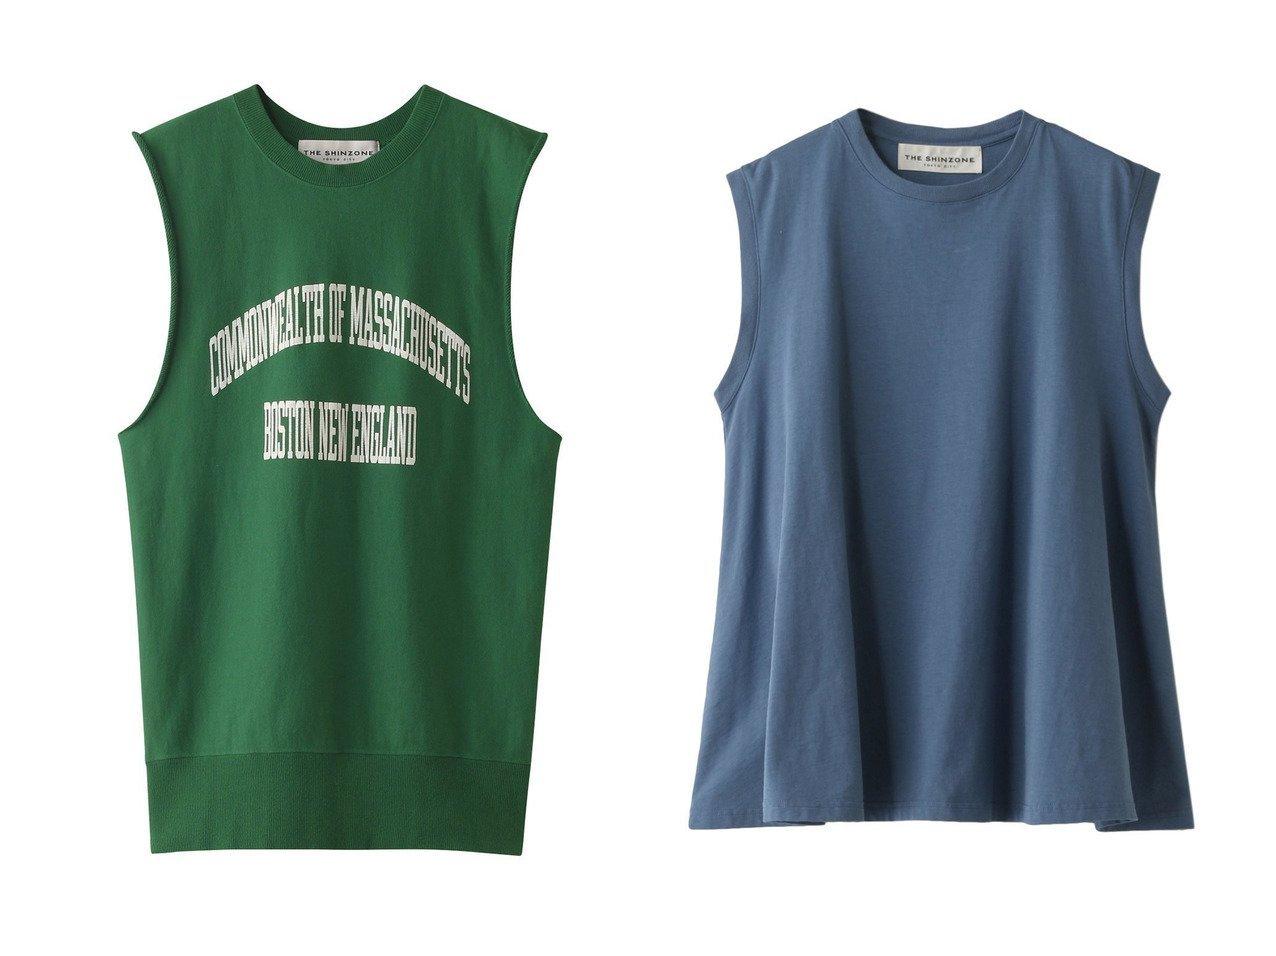 【Shinzone/シンゾーン】のカットオフスエットプルオーバー&フレアノースリーブTシャツ 【トップス・カットソー】おすすめ!人気、トレンド・レディースファッションの通販 おすすめで人気の流行・トレンド、ファッションの通販商品 メンズファッション・キッズファッション・インテリア・家具・レディースファッション・服の通販 founy(ファニー) https://founy.com/ ファッション Fashion レディースファッション WOMEN トップス・カットソー Tops/Tshirt キャミソール / ノースリーブ No Sleeves シャツ/ブラウス Shirts/Blouses ロング / Tシャツ T-Shirts プルオーバー Pullover カットソー Cut and Sewn キャミソール タンク タートルネック ノースリーブ フロント プリント S/S・春夏 SS・Spring/Summer シンプル フレア ボトム ルーズ ワイド 春 Spring  ID:crp329100000033774